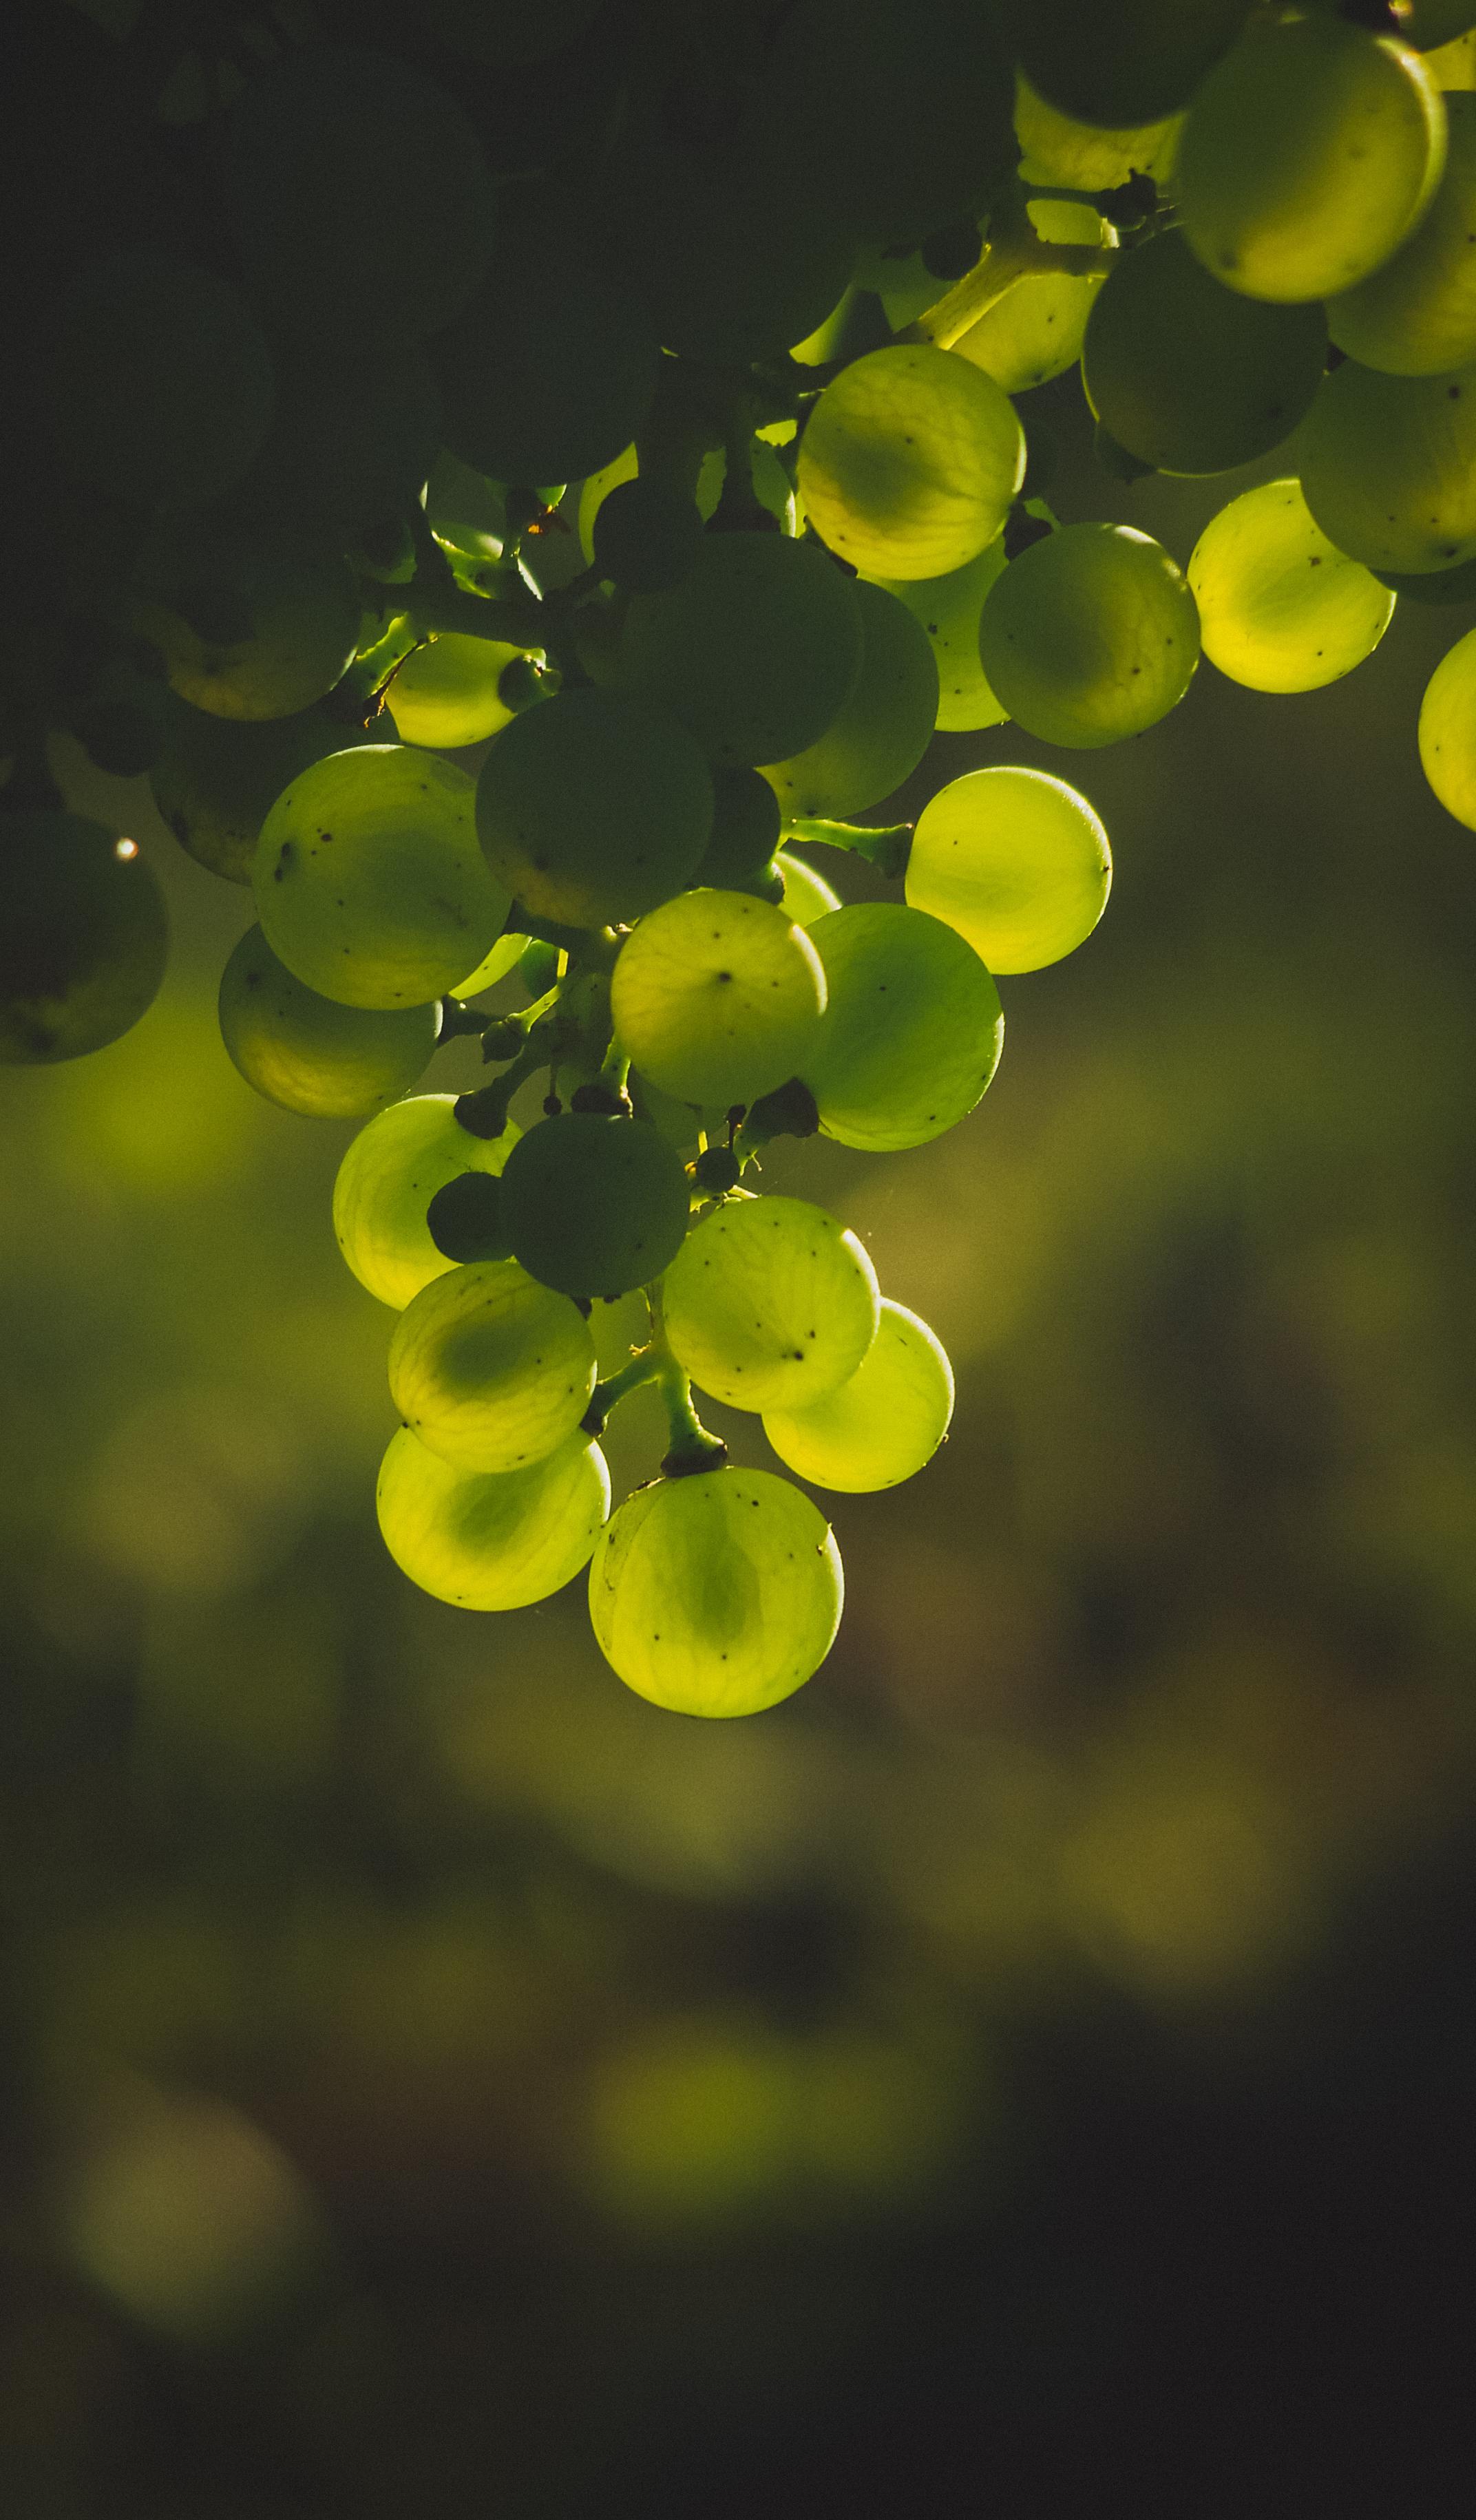 62154 скачать обои Виноград, Еда, Блики, Размытость, Зеленый, Гроздь - заставки и картинки бесплатно